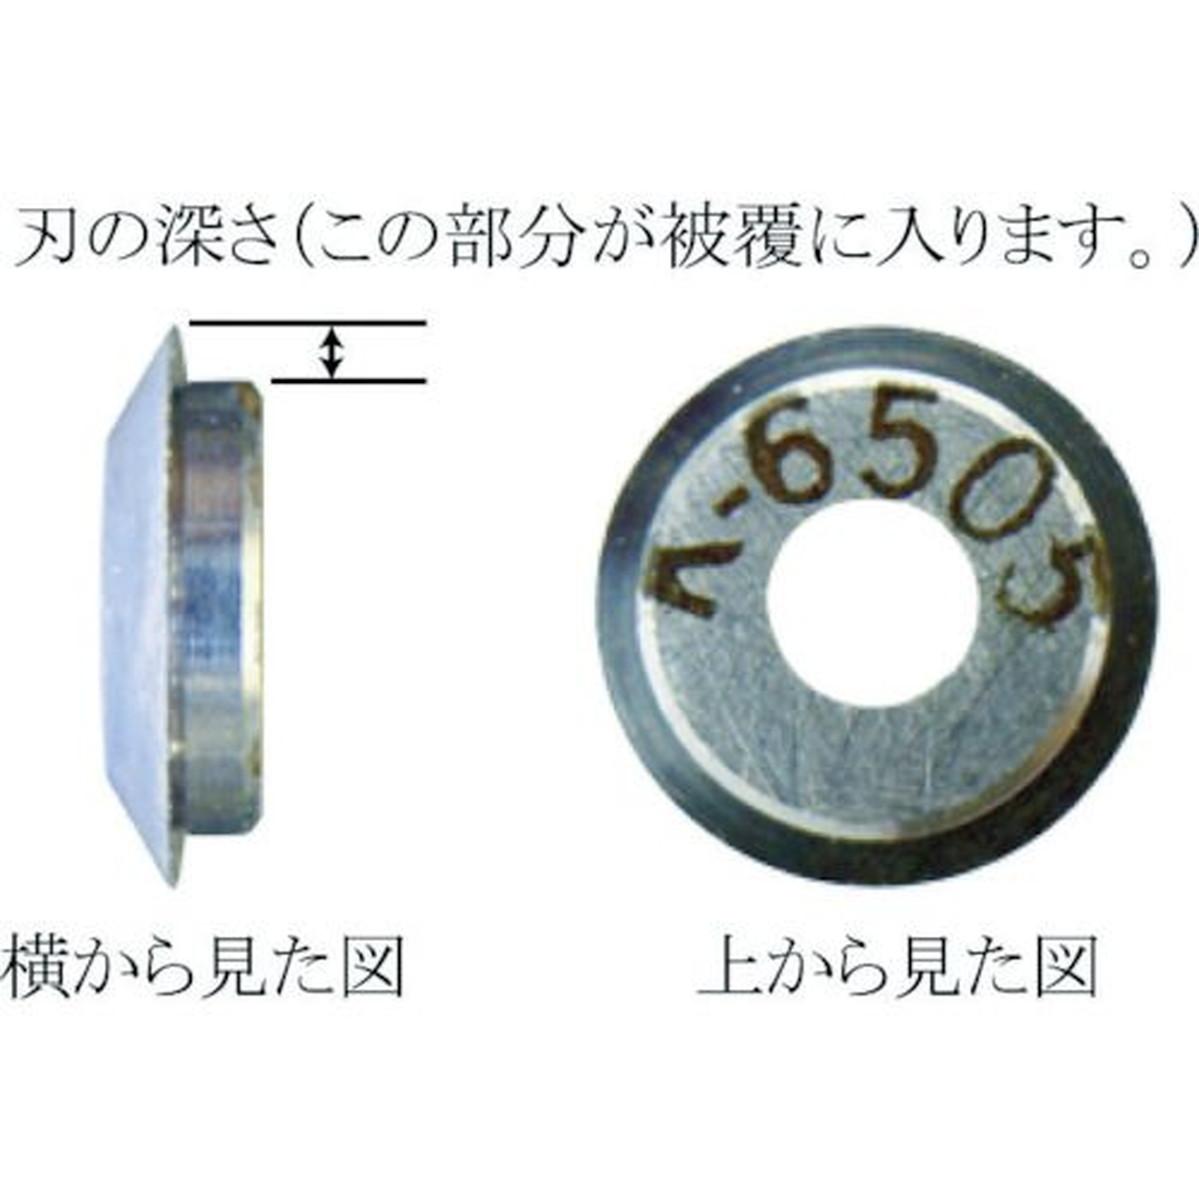 激安大特価! IDEAL リンガー 1枚 替刃 リンガー 適合電線(mm):被覆厚0.56~ IDEAL 1枚, クニミチョウ:215272e5 --- kventurepartners.sakura.ne.jp